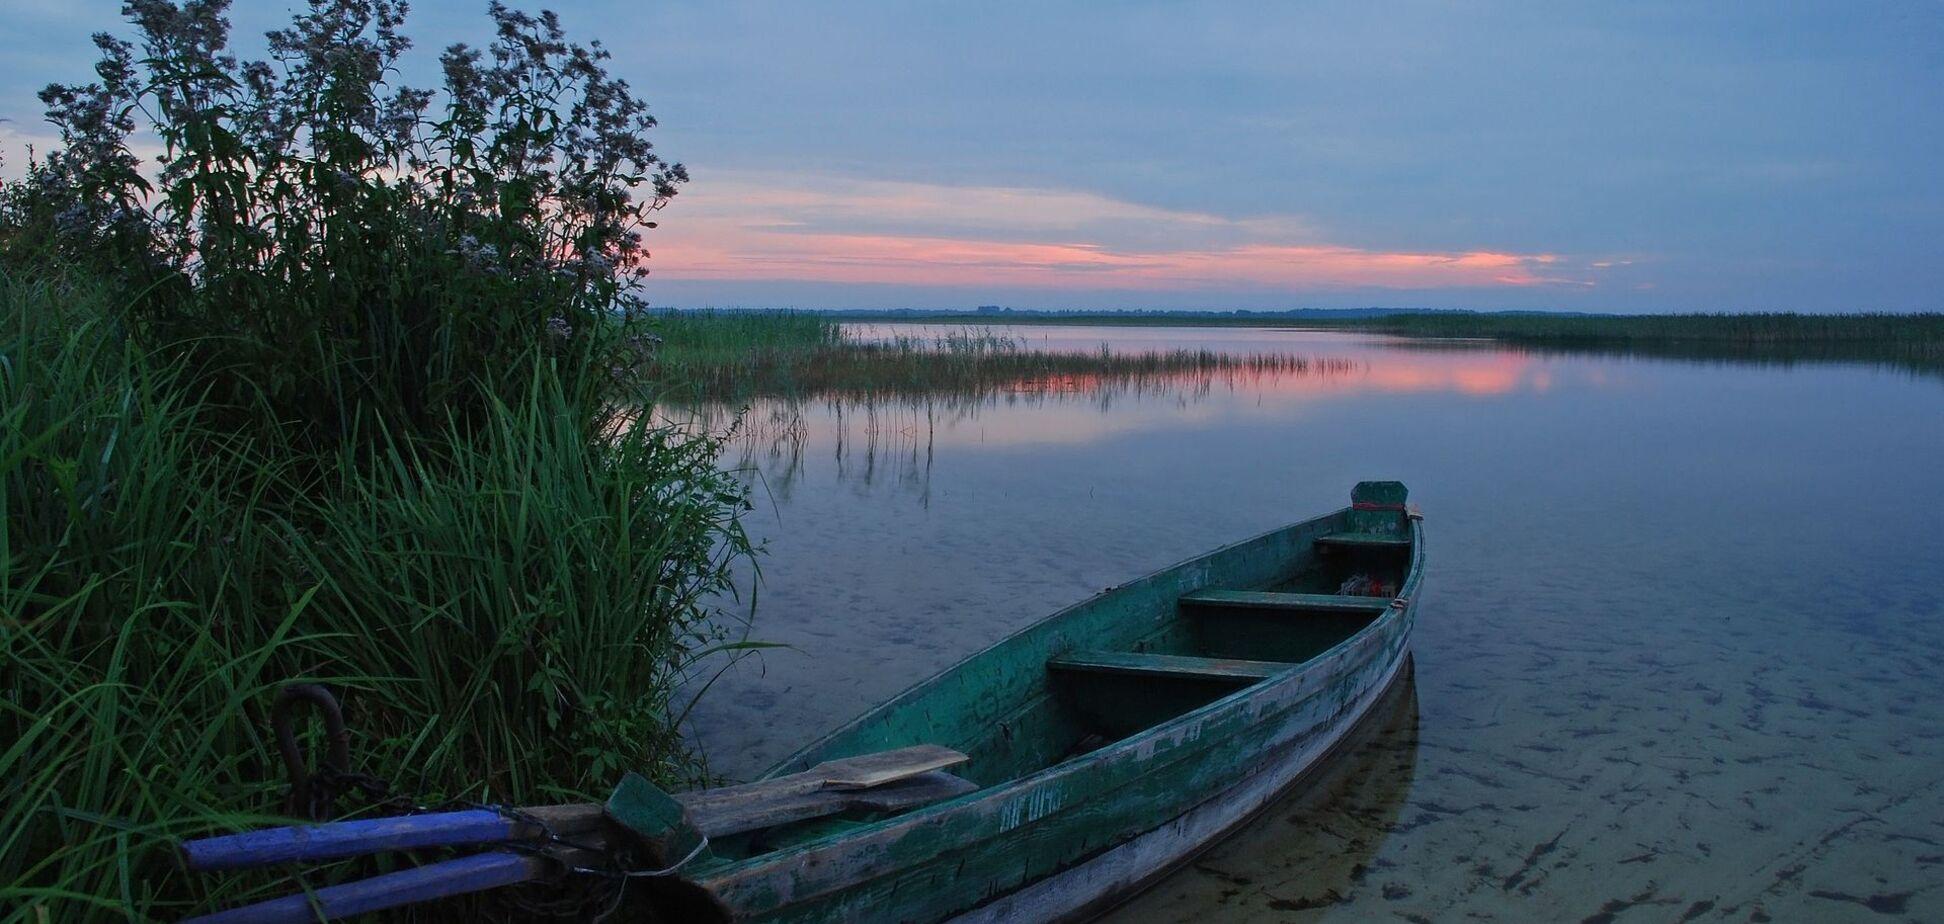 Шацькі озера з висоти: з'явилося неймовірне відео